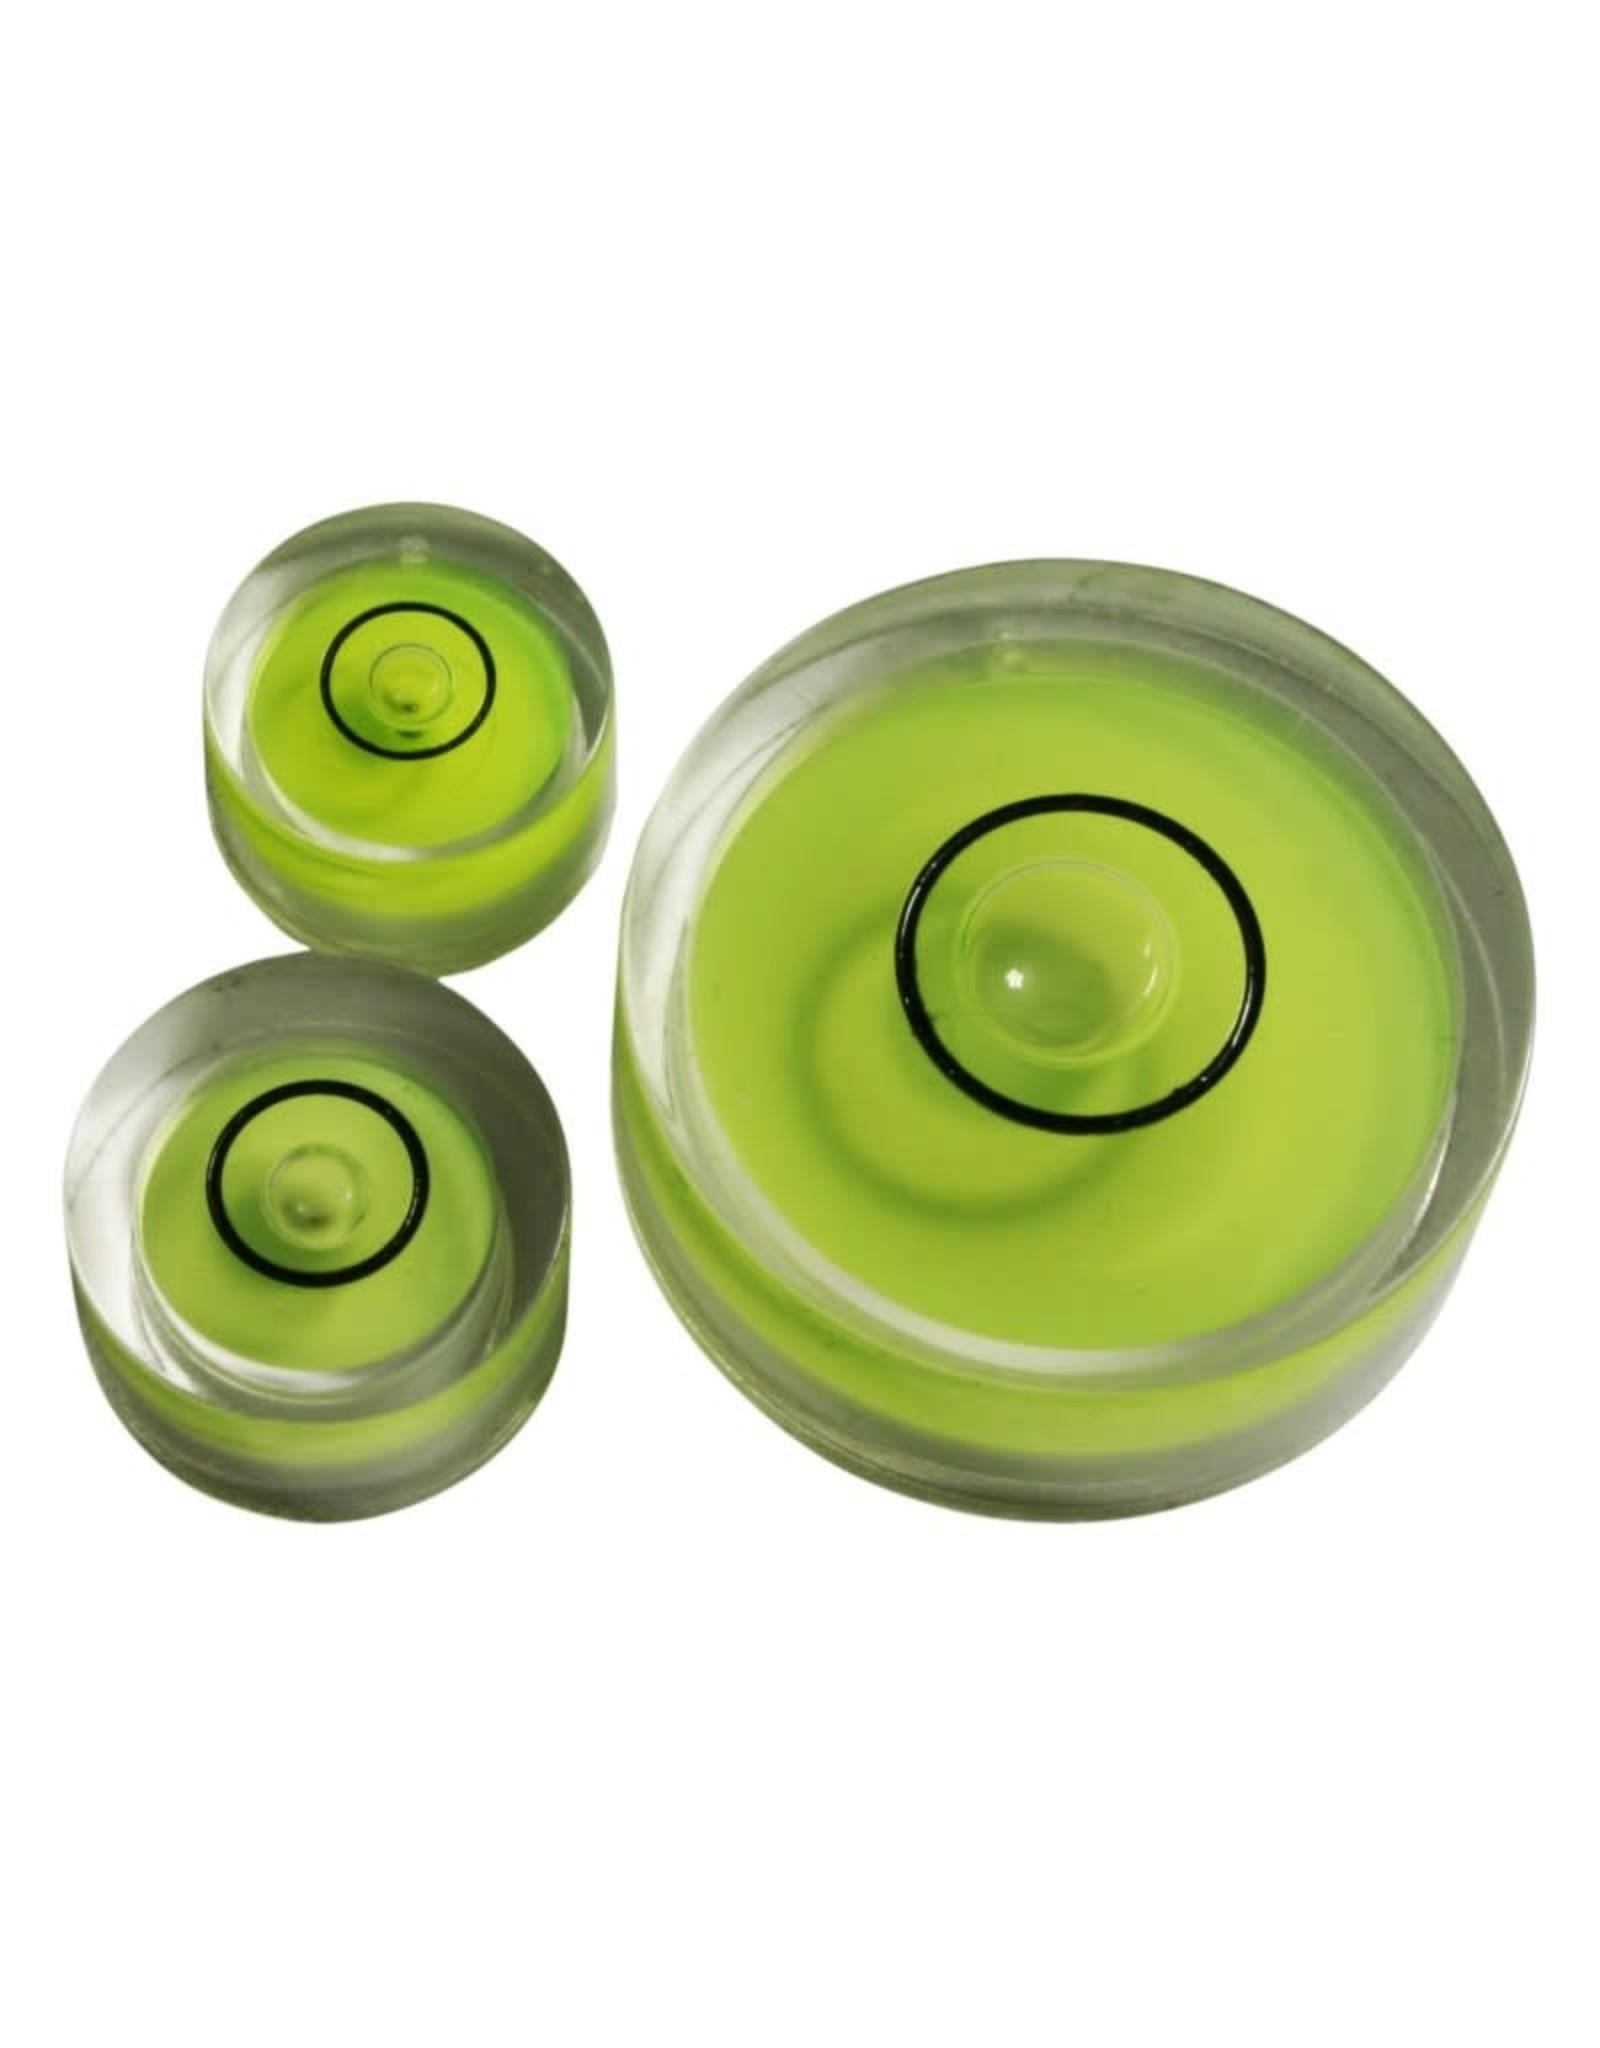 Bubble Level (Circular)